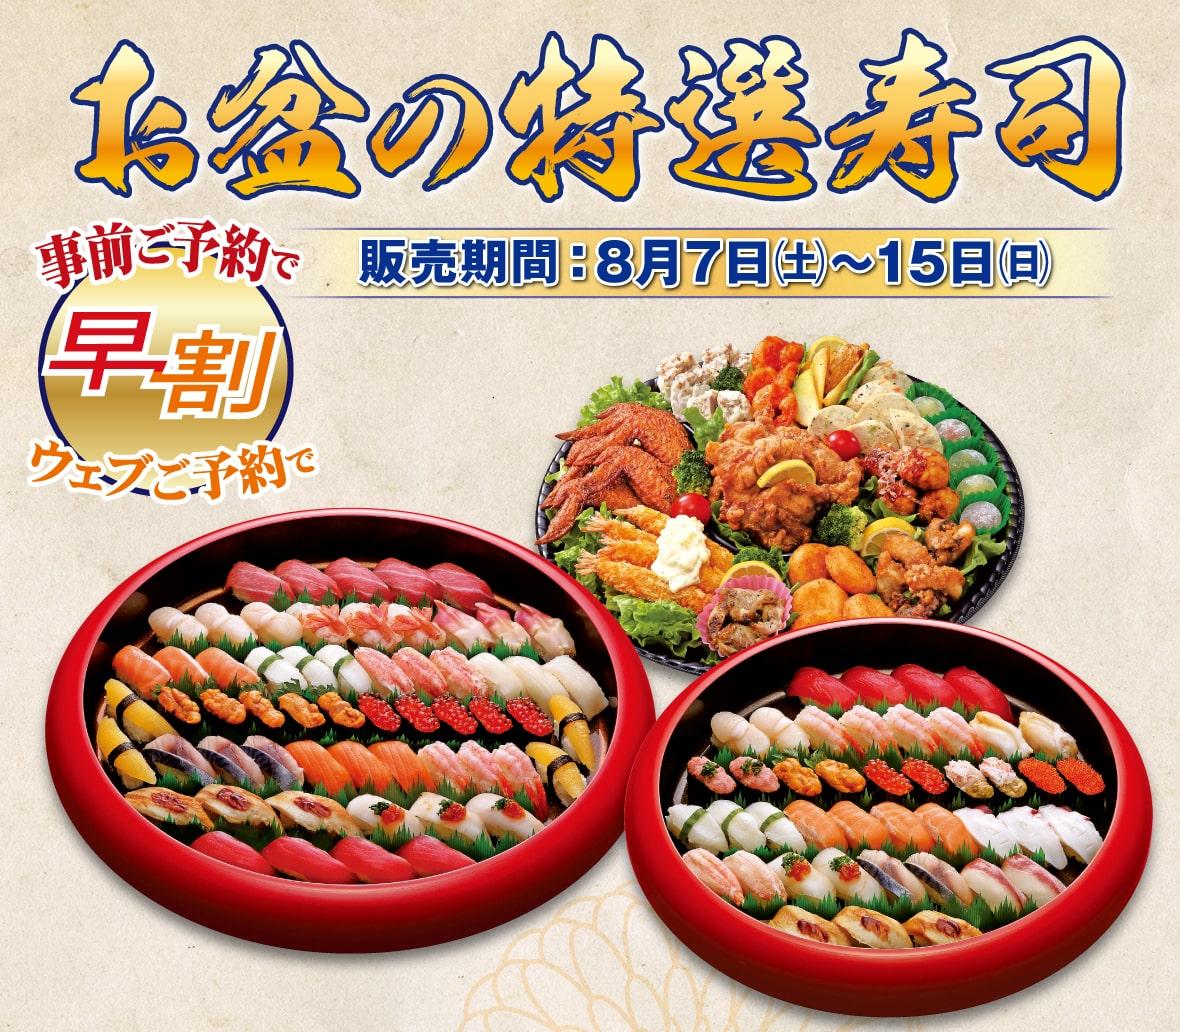 お盆の特選寿司(販売期間:8月7日~8月15日※事前ご予約承ります)